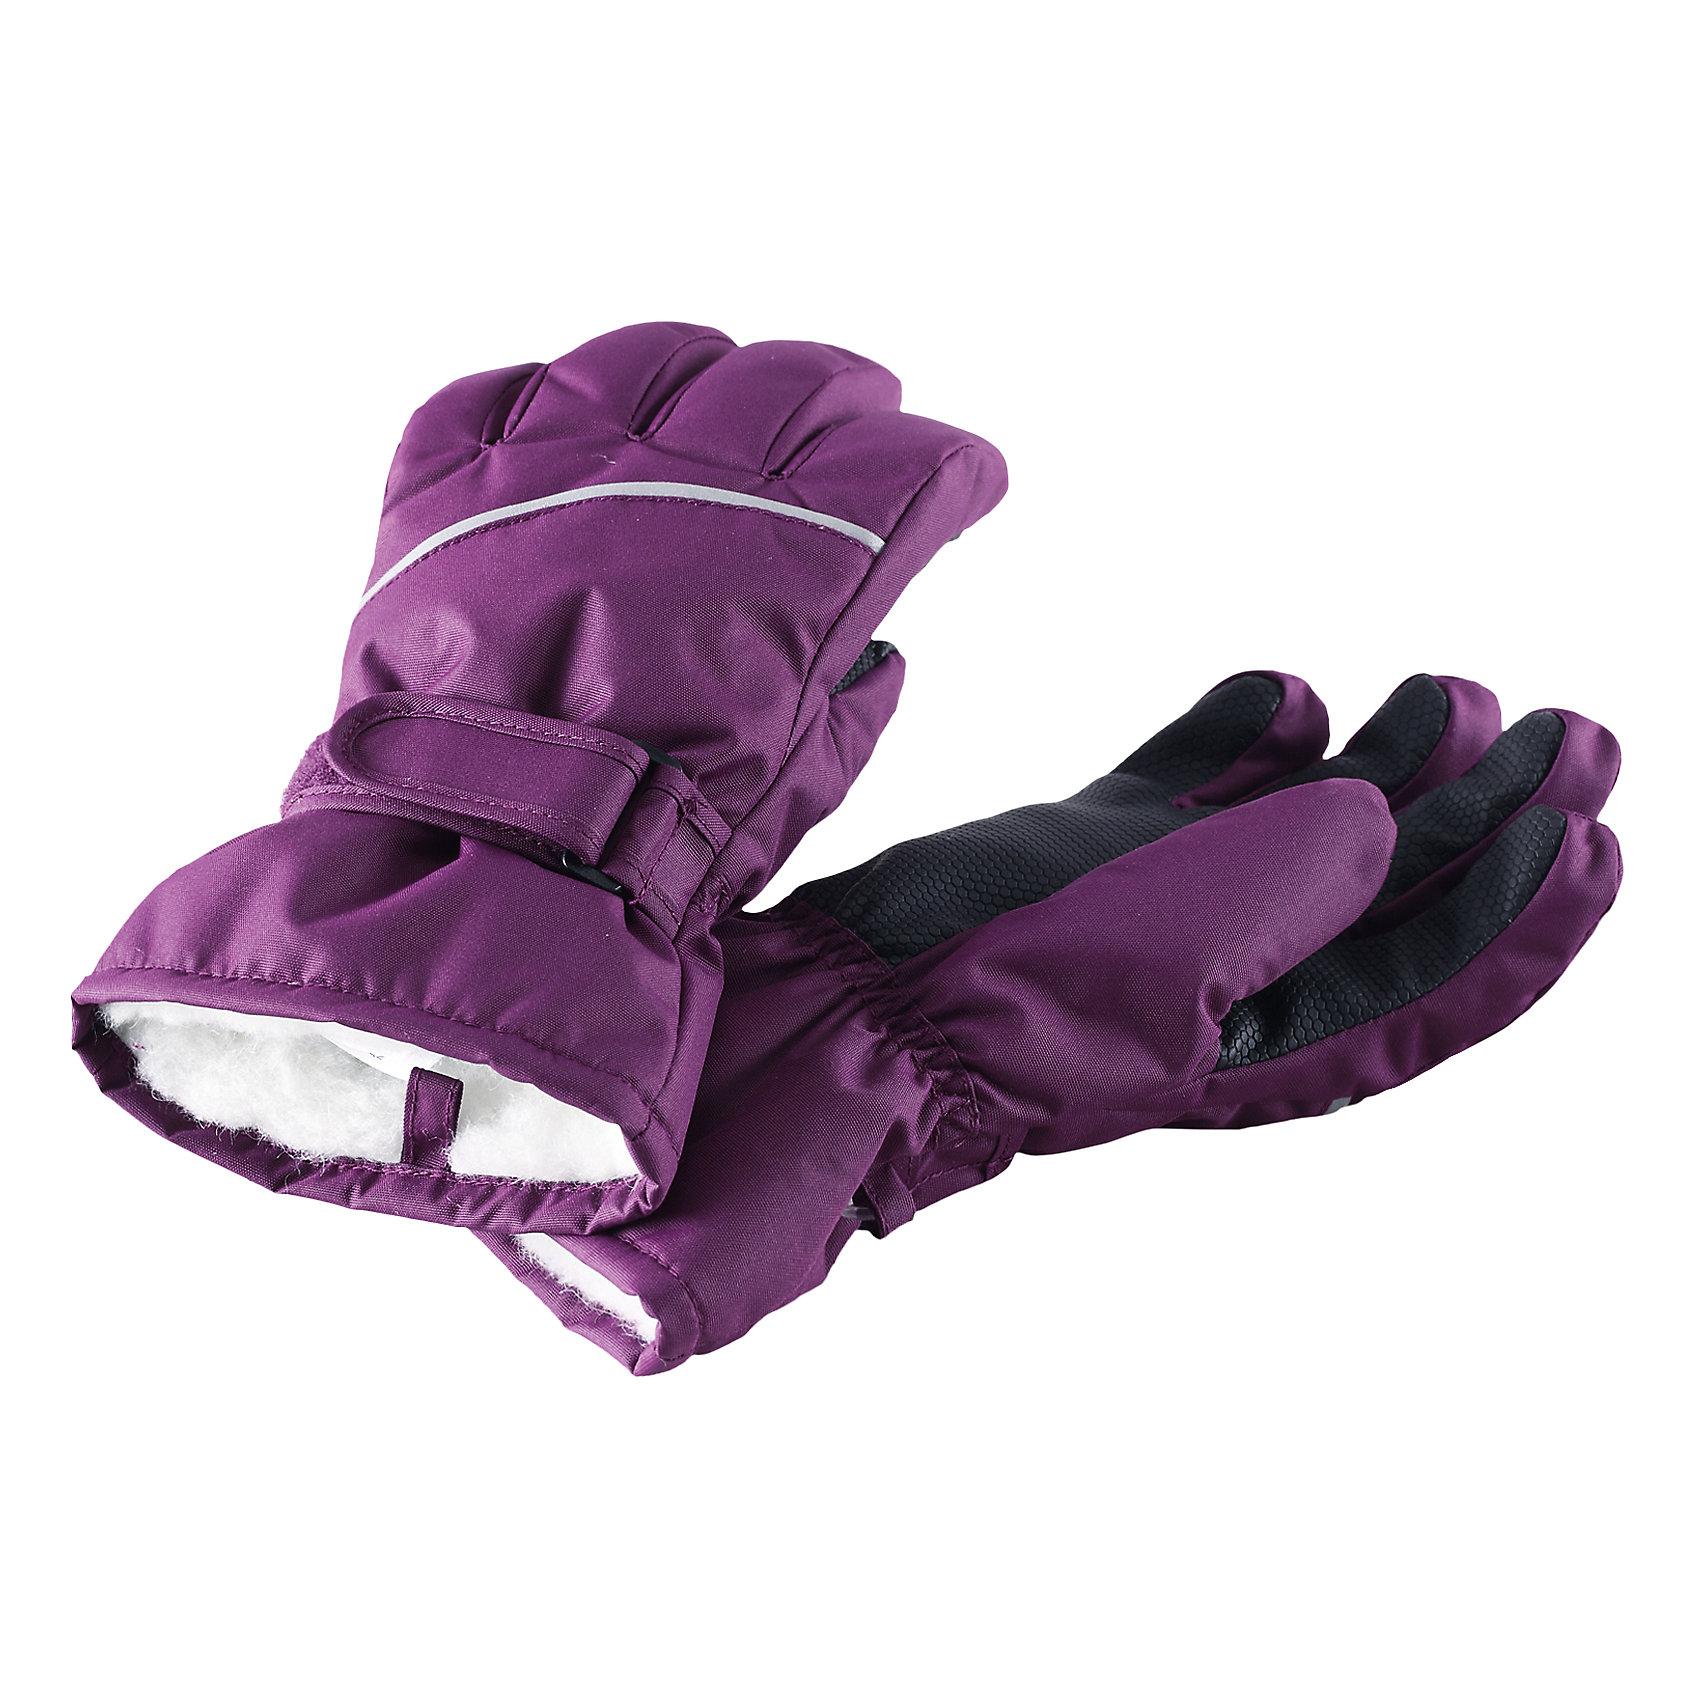 Перчатки Harald для девочки ReimaПерчатки, варежки<br>Перчатки  Reima<br>Зимние перчатки для детей. Водонепроницаемый материал, вставки отсутствуют — товар не является водонепроницаемым. Водо- и ветронепроницаемый и грязеотталкивающий материал. Накладки на ладонях, кончиках пальцев и больших пальцах. Теплая ворсистая подкладка из ткани из смеси шерсти. Средняя степень утепления. Простая застежка на липучке. Логотип Reima® сбоку. Светоотражающие полосы.<br>Утеплитель: Reima® Comfortinsulation,80 g<br>Уход:<br>Стирать по отдельности. Стирать моющим средством, не содержащим отбеливающие вещества. Полоскать без специального средства. Сушить при низкой температуре. <br>Состав:<br>100% Полиамид, полиуретановое покрытие<br><br>Ширина мм: 162<br>Глубина мм: 171<br>Высота мм: 55<br>Вес г: 119<br>Цвет: лиловый<br>Возраст от месяцев: 72<br>Возраст до месяцев: 96<br>Пол: Женский<br>Возраст: Детский<br>Размер: 5,3,4,6,7,8<br>SKU: 4779785